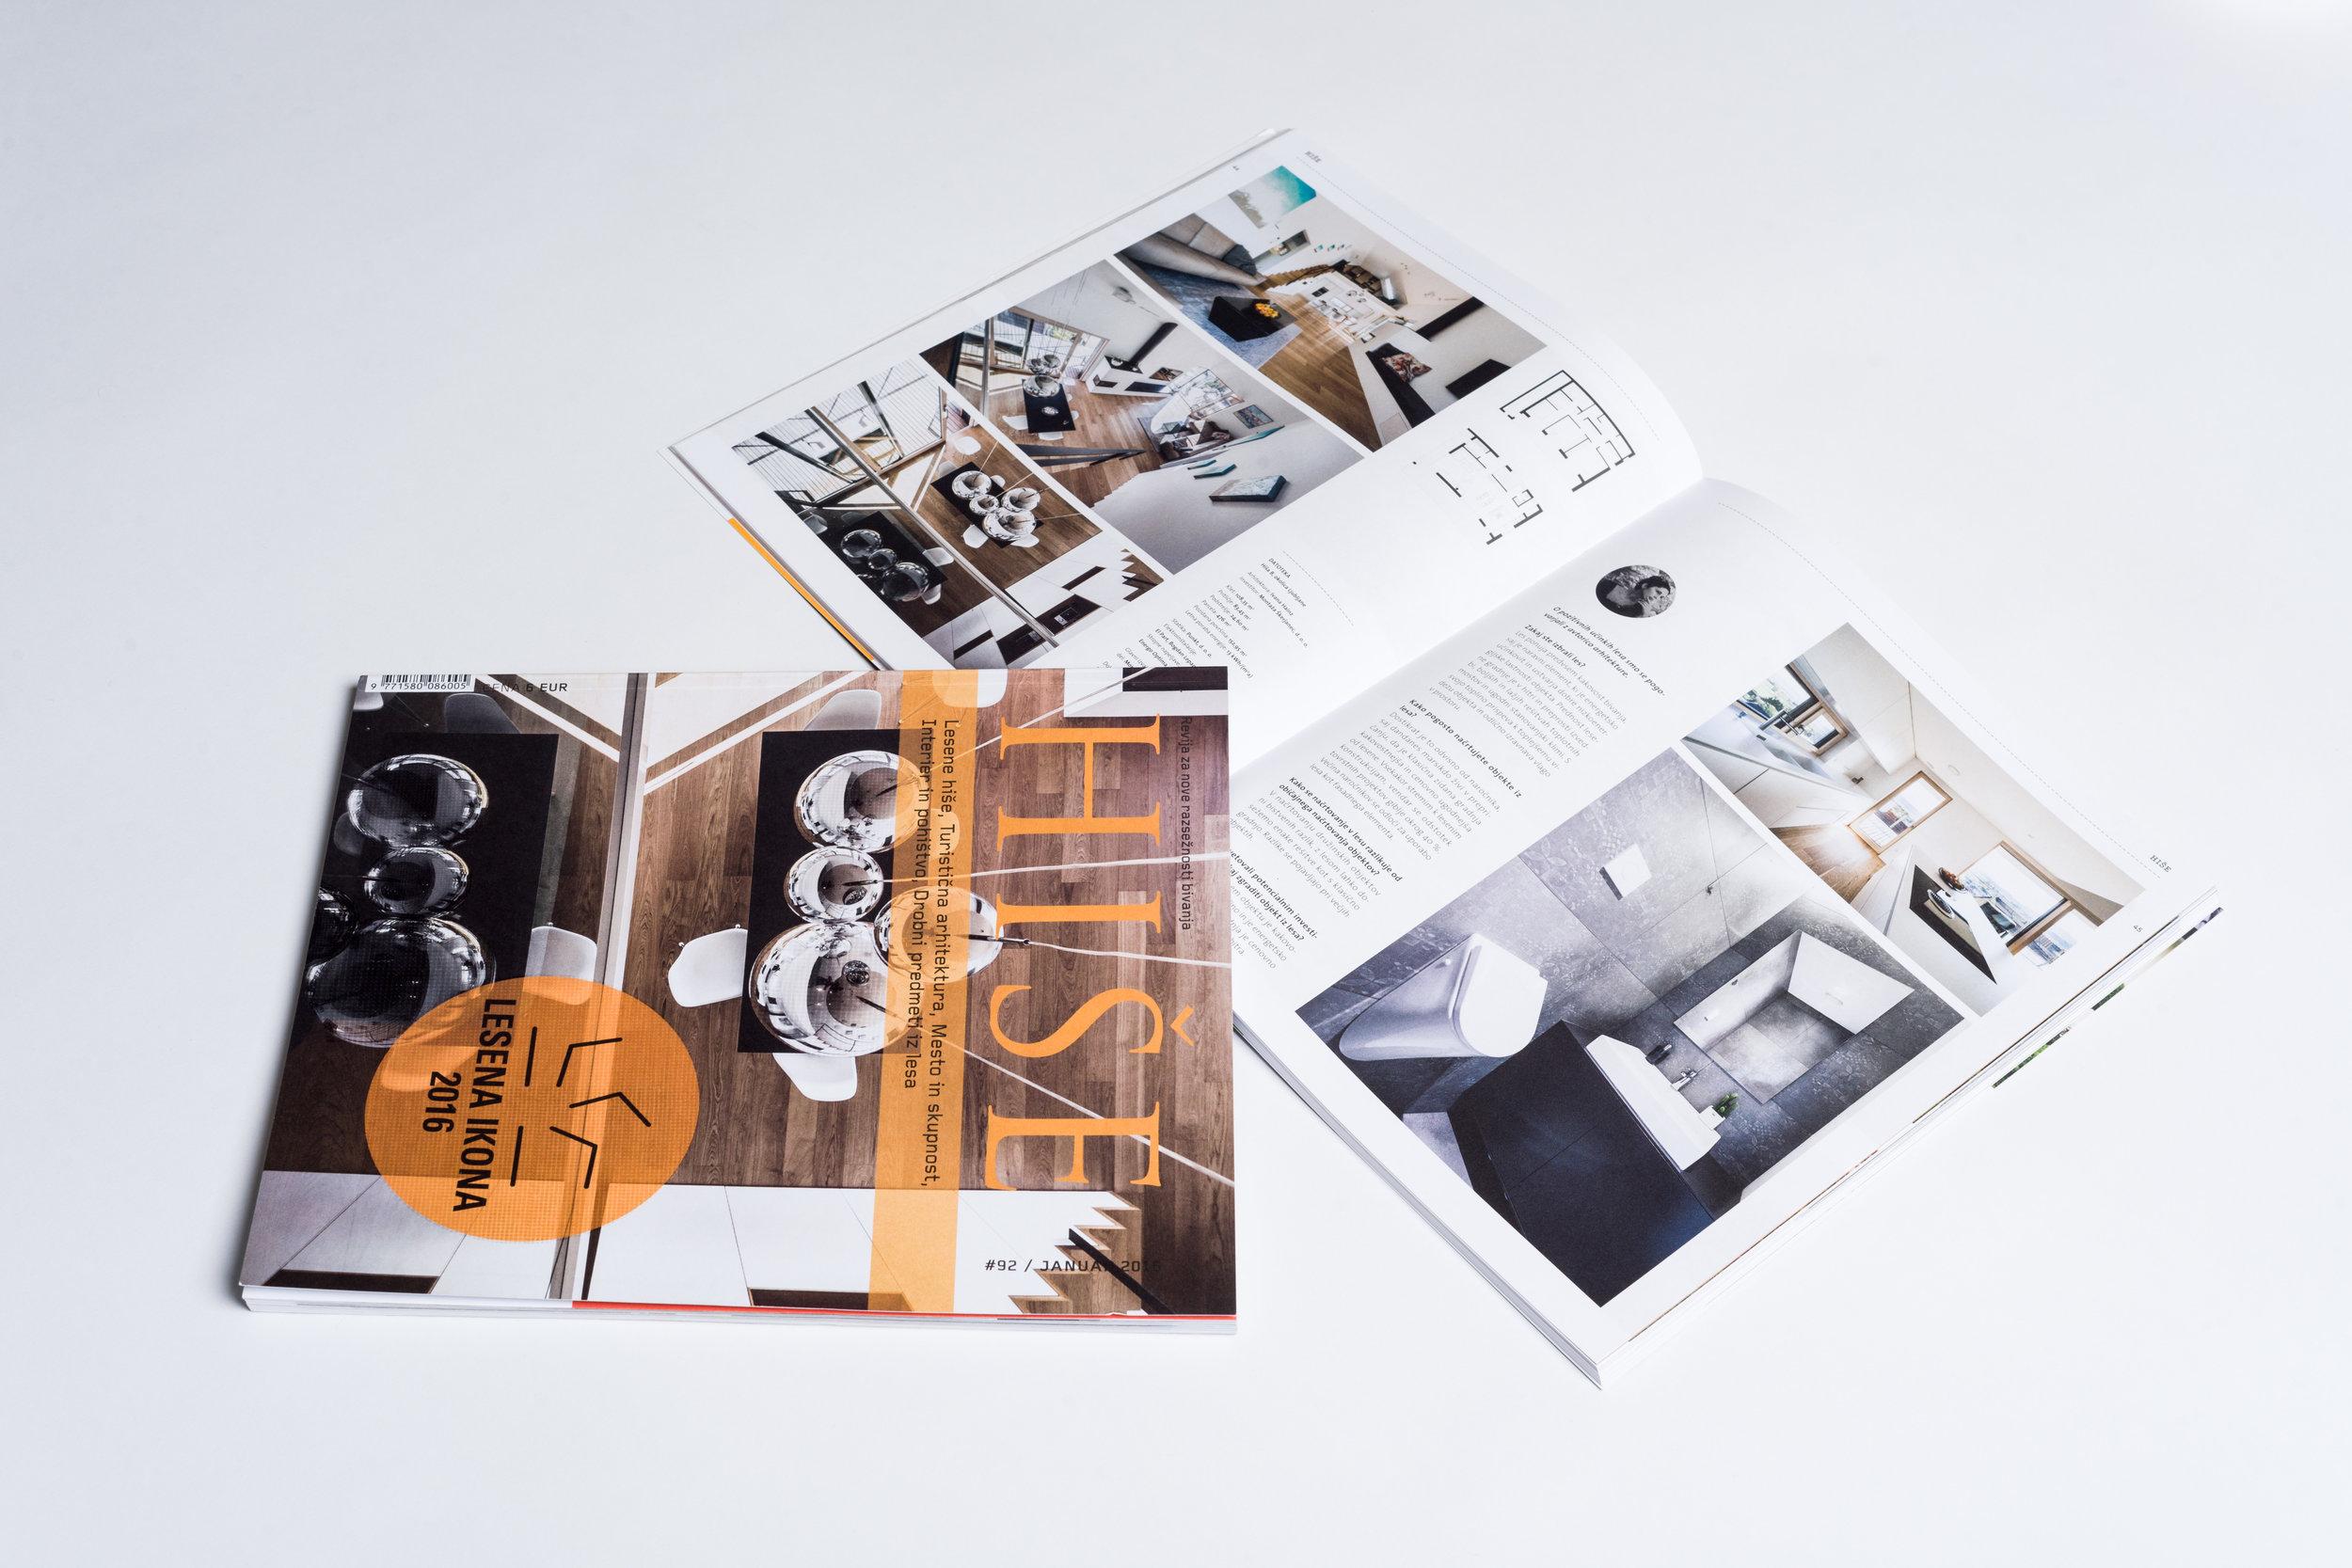 Published in architecture magazine HISE - WOOD ICON 2016